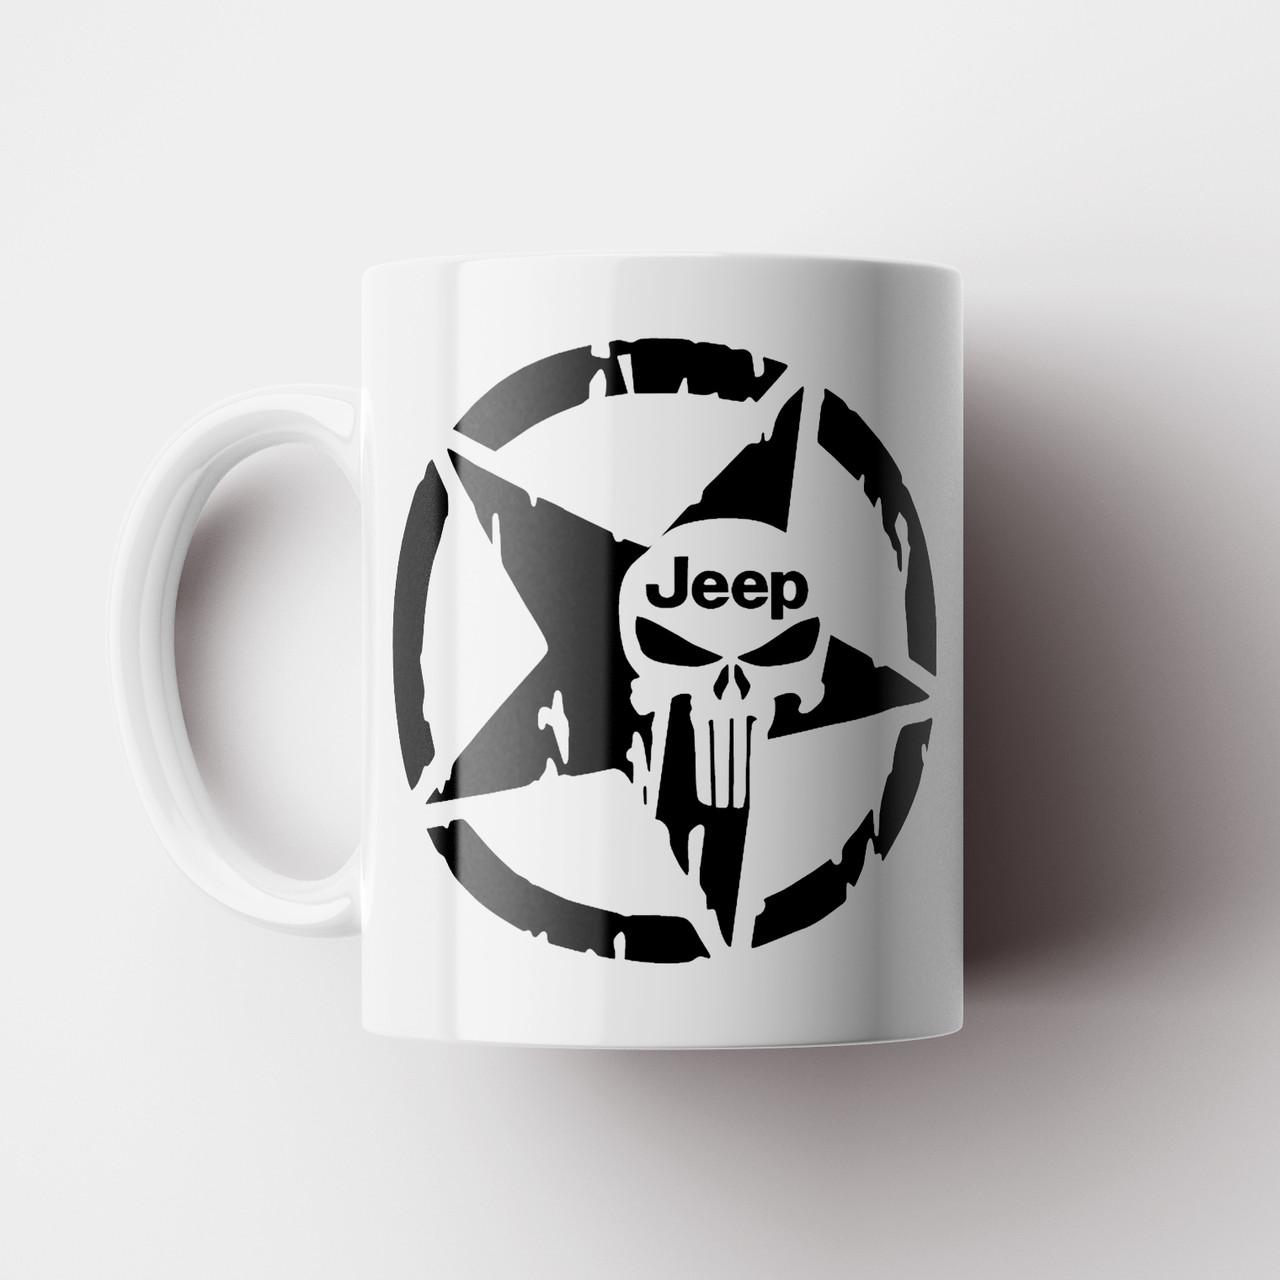 Чашка с принтом Jeep. Кружка с принтом Джип. Чашка с фото